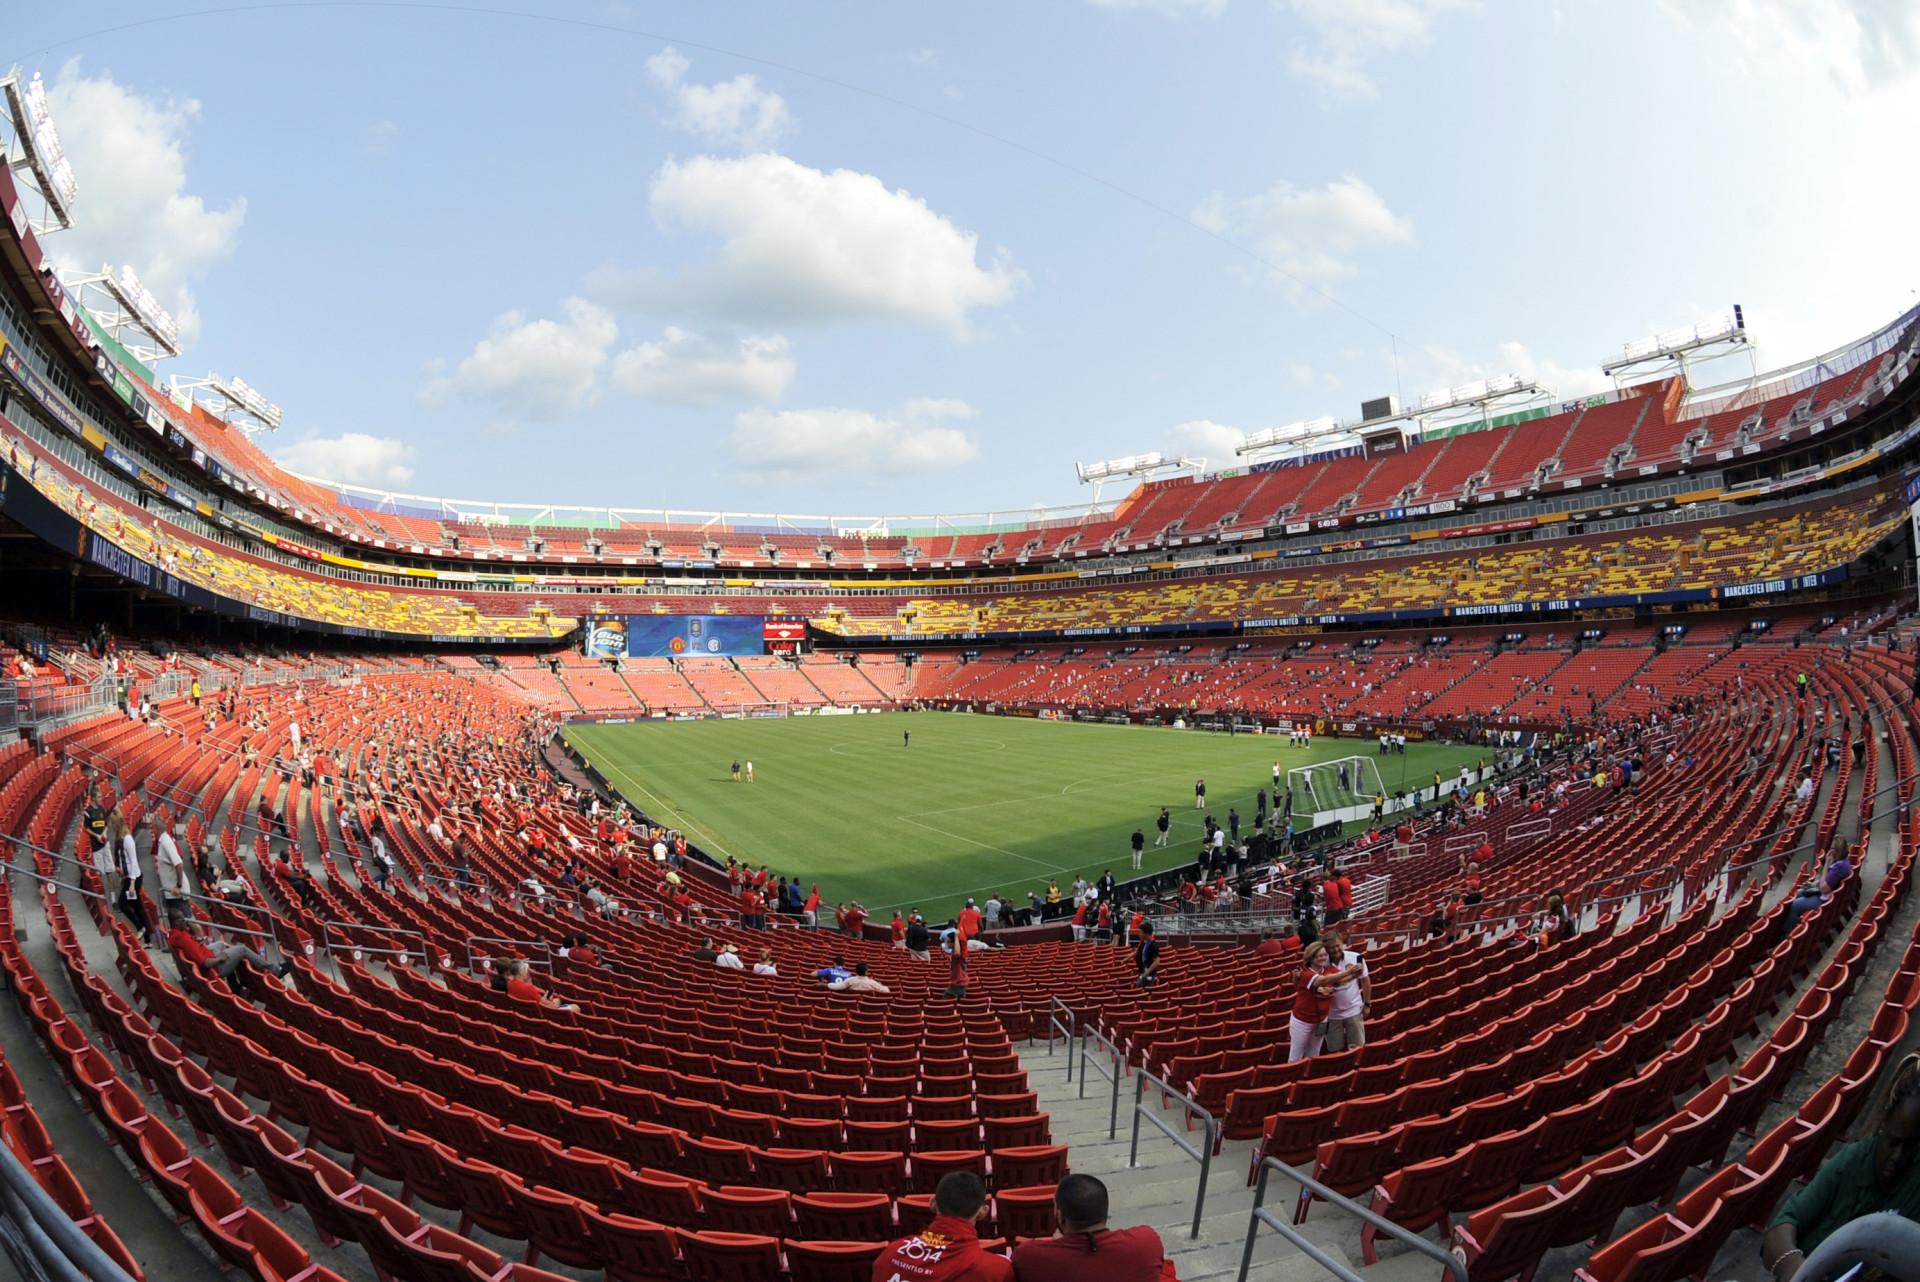 Conheça os 23 estádios que poderão receber o Mundial de 2026